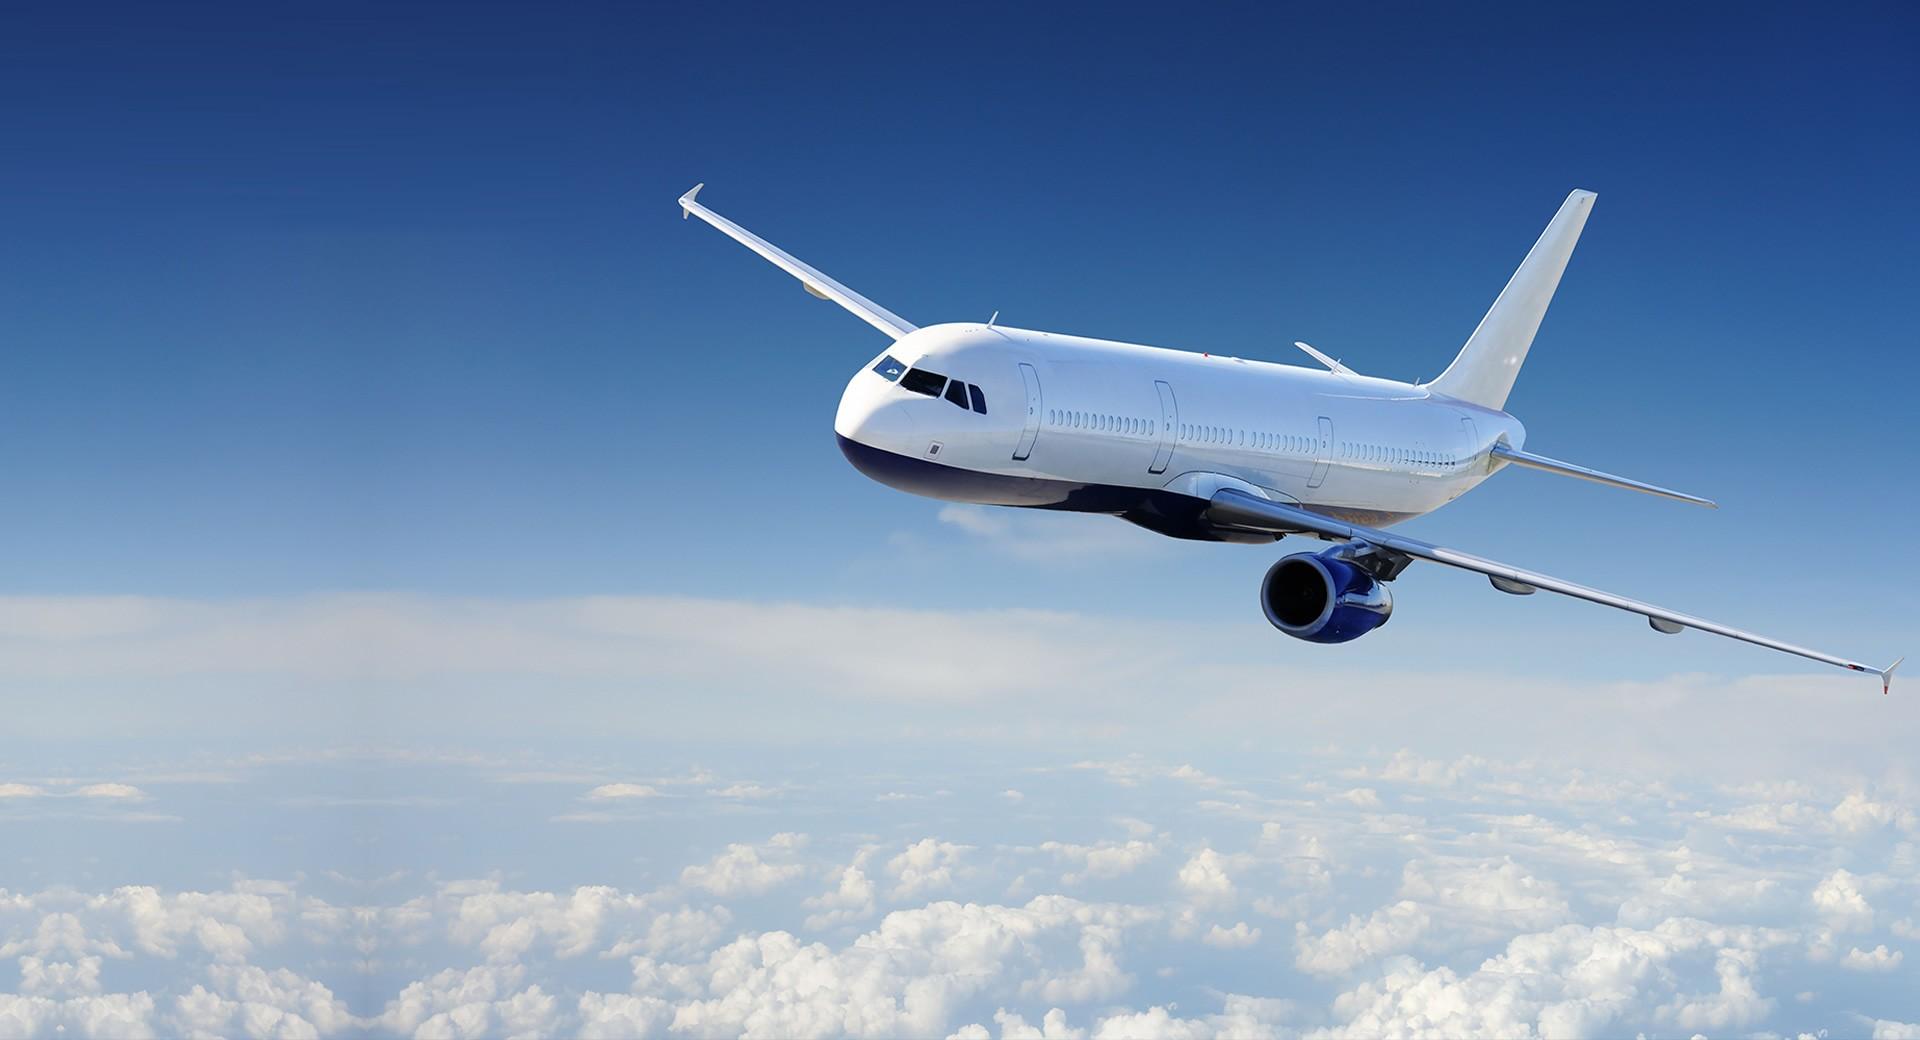 俄罗斯、印度等国暂停与英国的航班往来